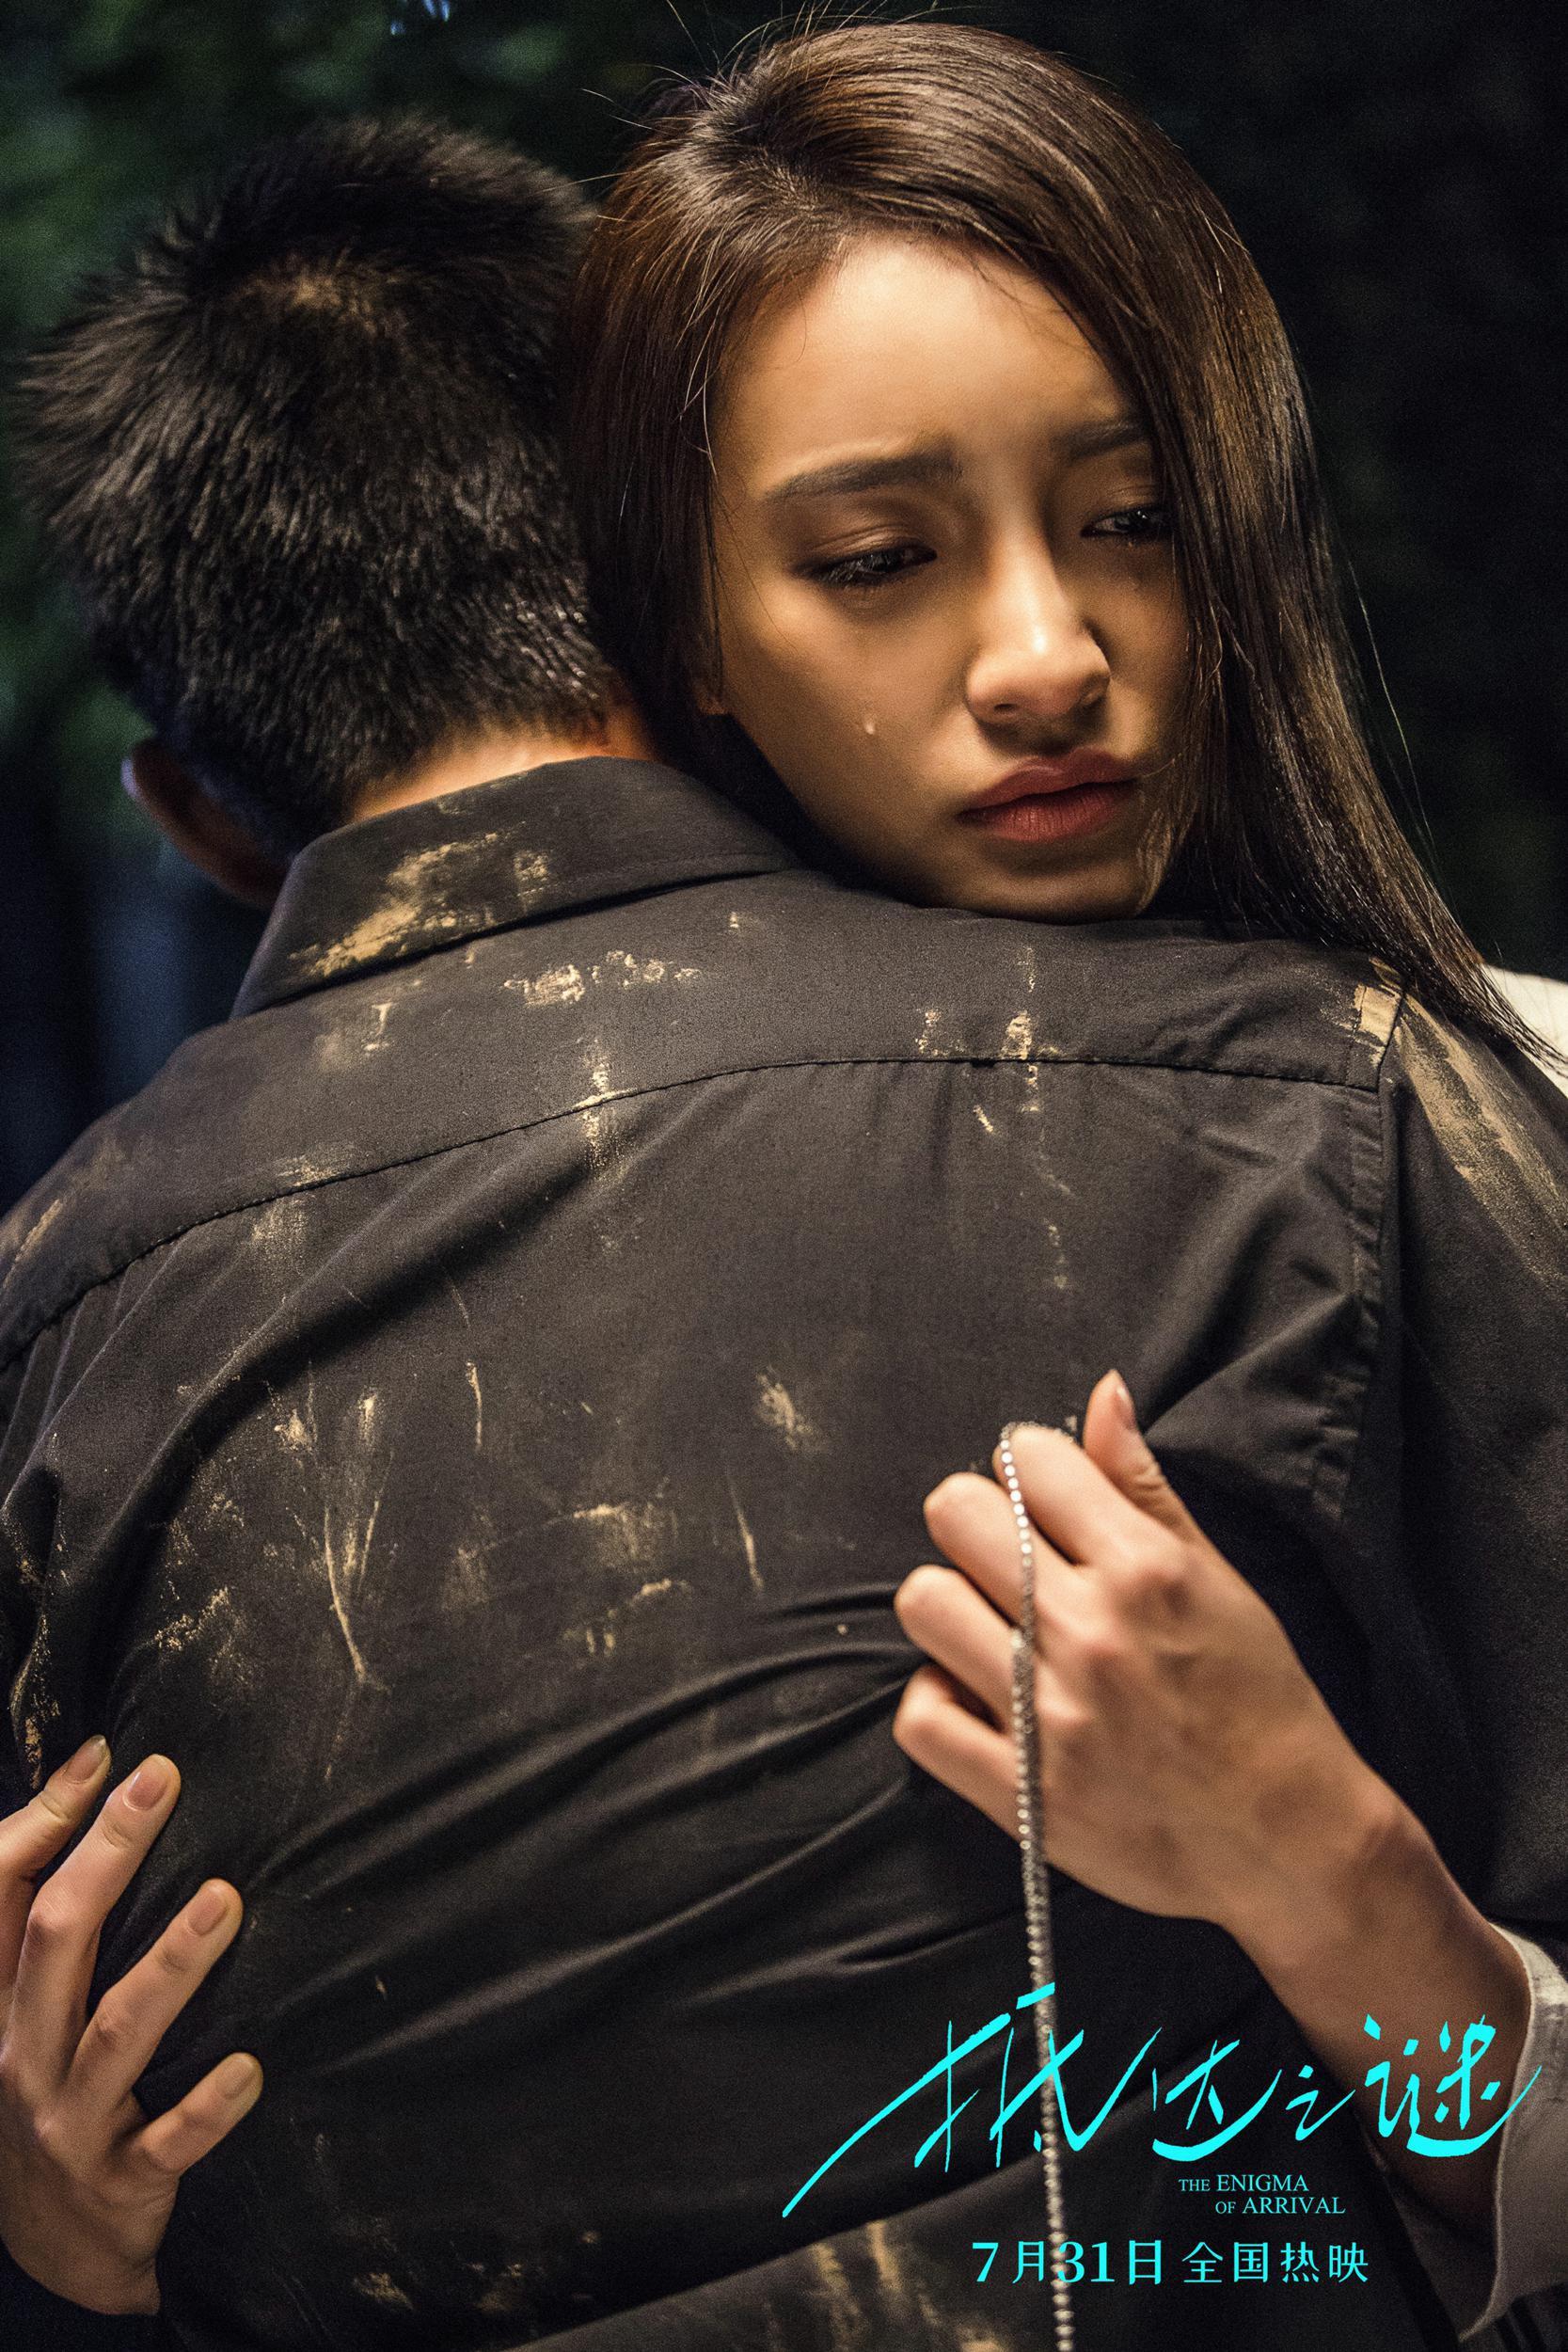 电影《抵达之谜》今日上映 李现顾璇青春回首催泪诠释寻爱人生